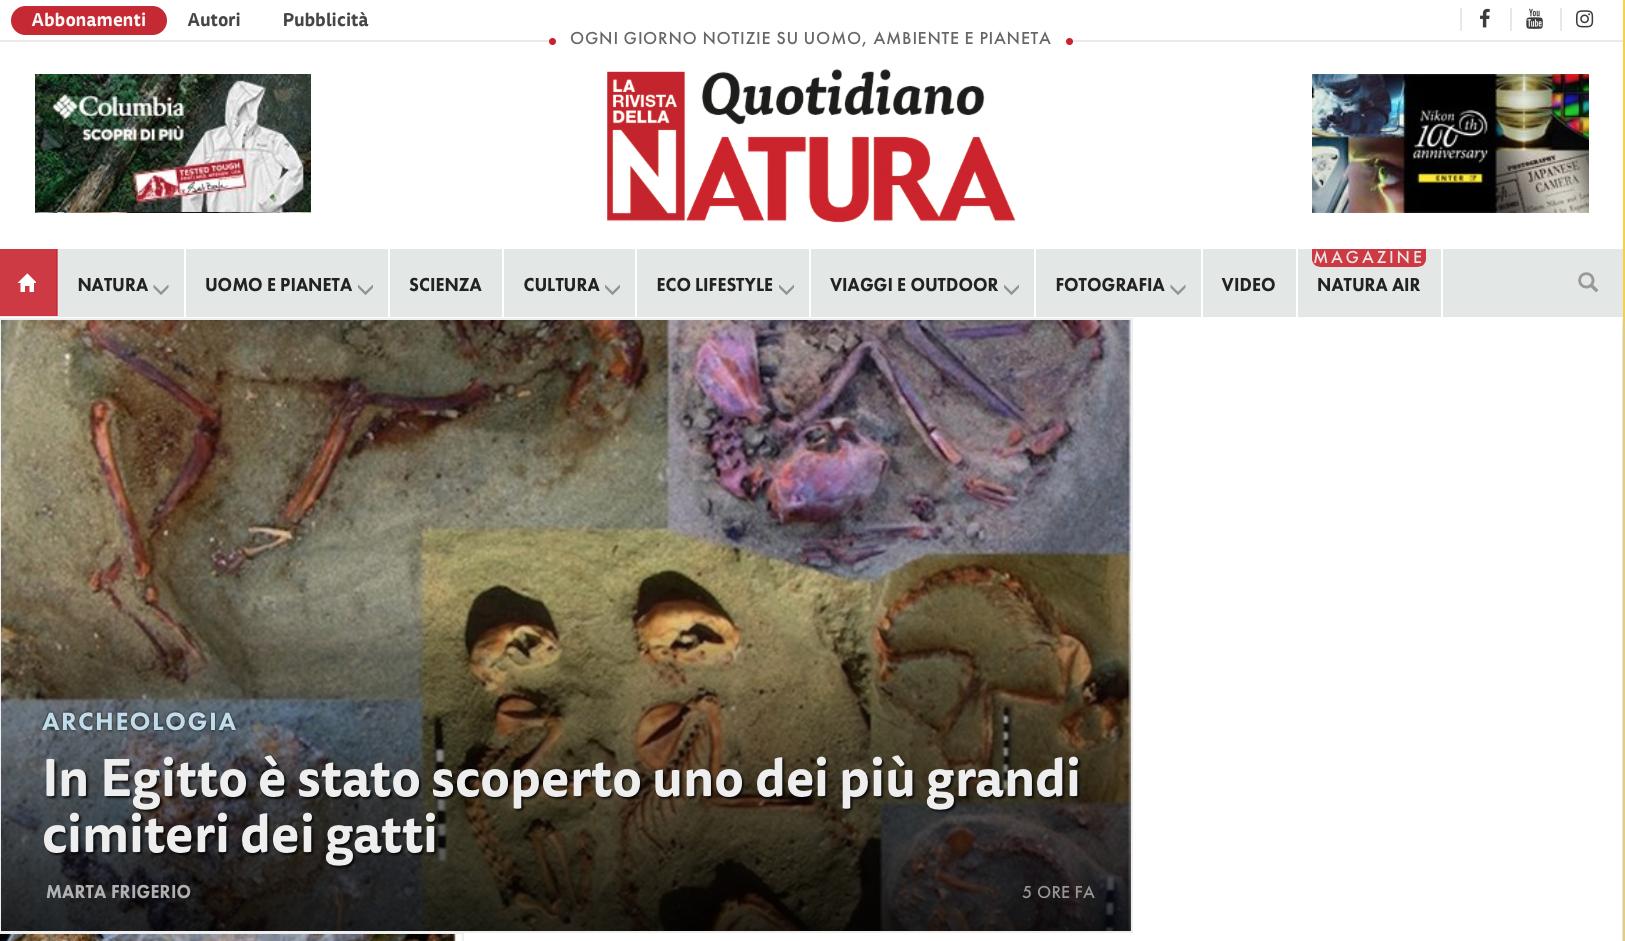 Quotidiano Natura